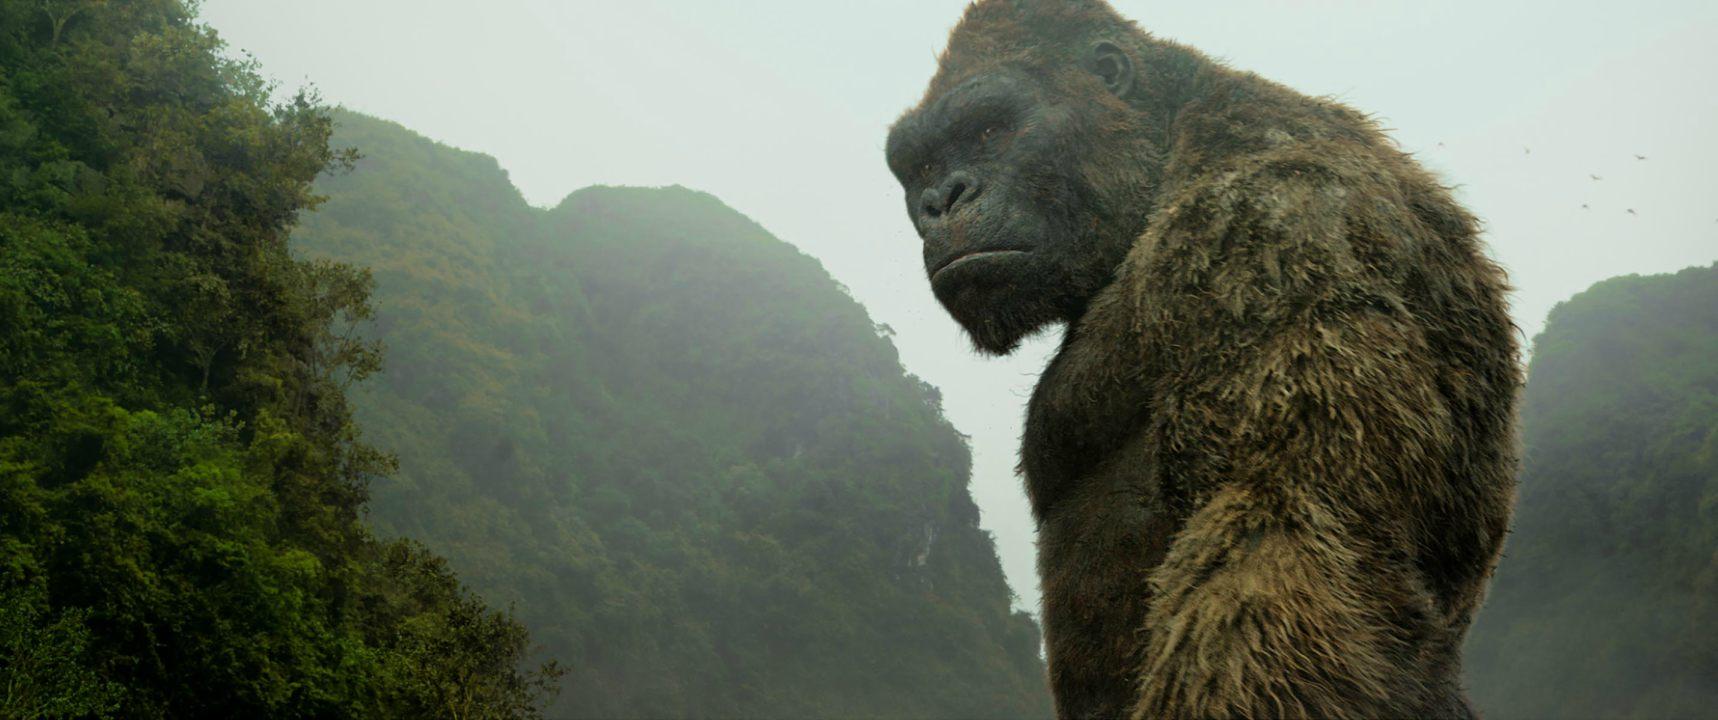 """Los fanáticos podrán disfrutar de una serie de historietas llamada """"Skull Island: Birth of Kong"""" que narrará lo sucedido luego del último film"""